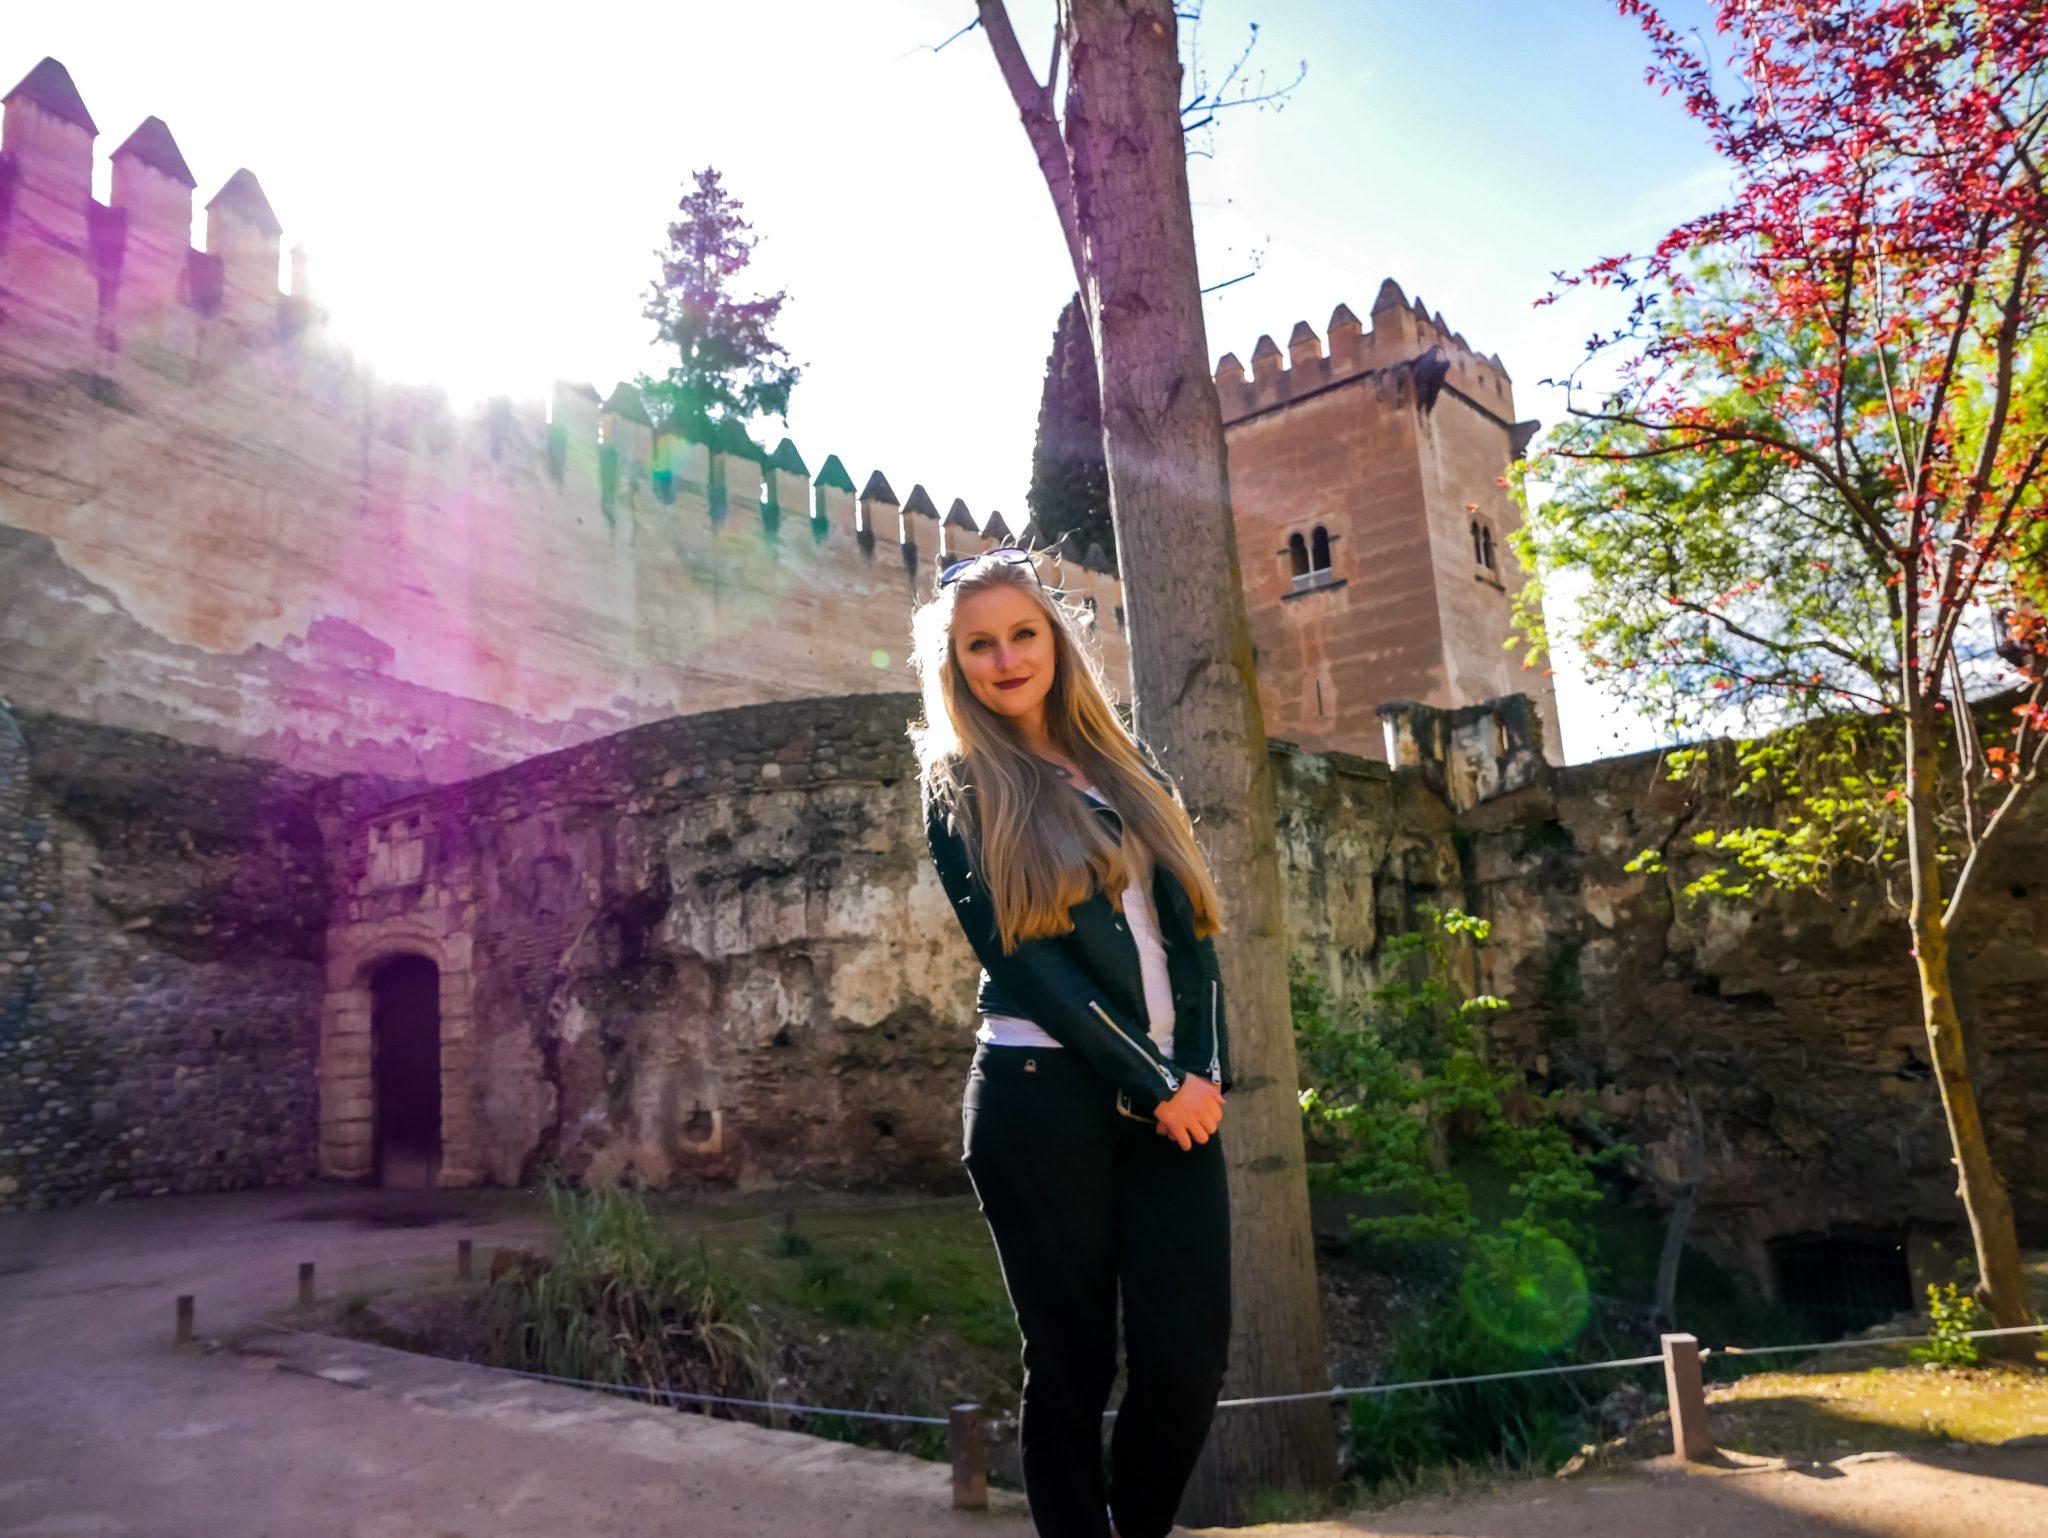 Wenn du am Fluss vorbei den steilen Weg zur Alhambra hochläufst, nimm dir ausreichend Wasser mit.